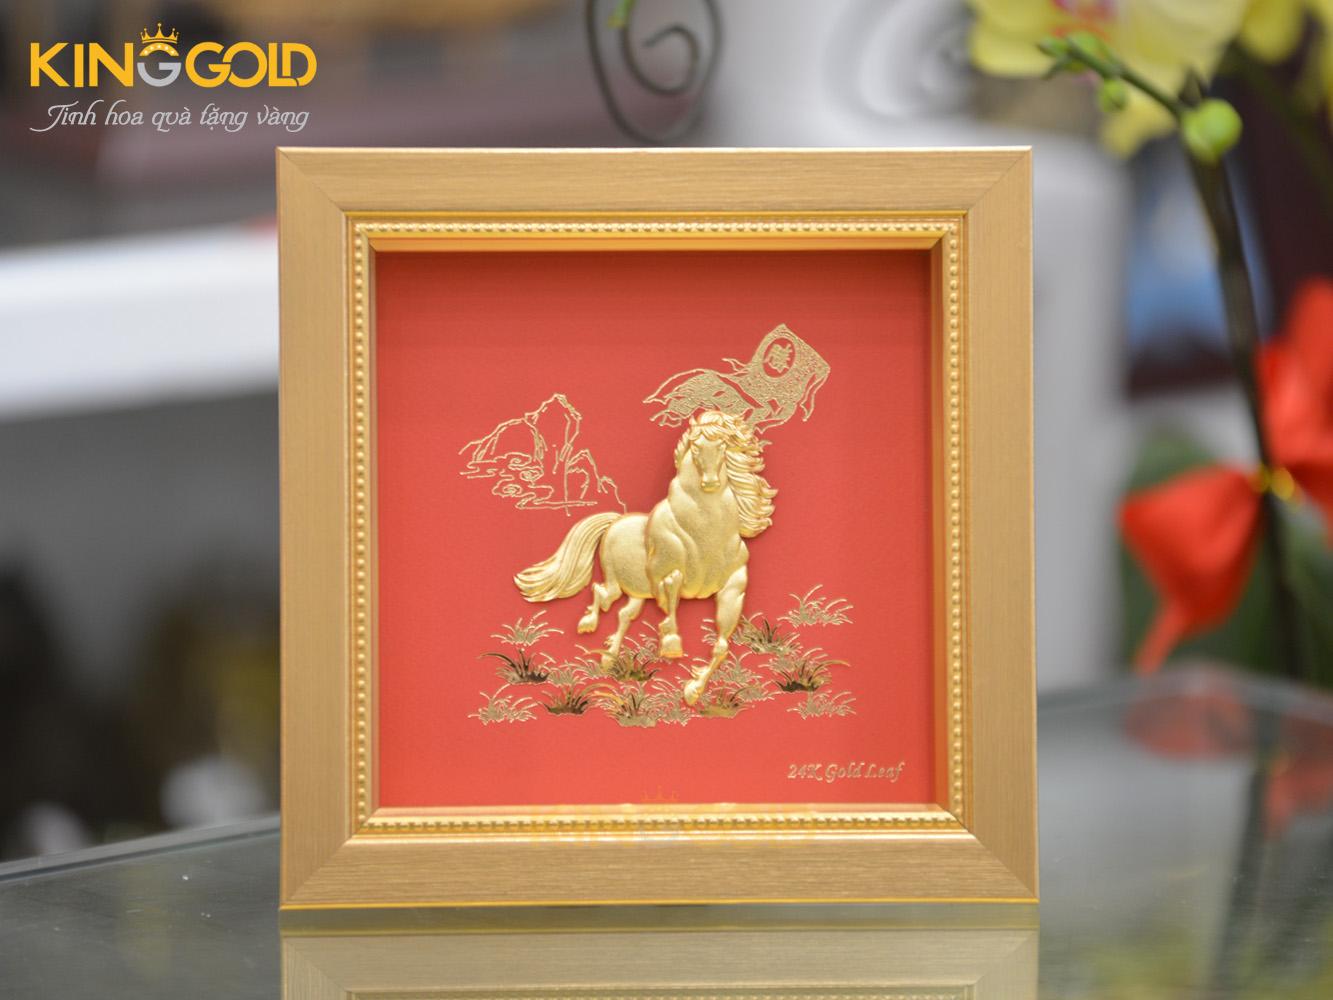 Quà tặng vàng – Bí quyết duy trì các mối quan hệ bền vững